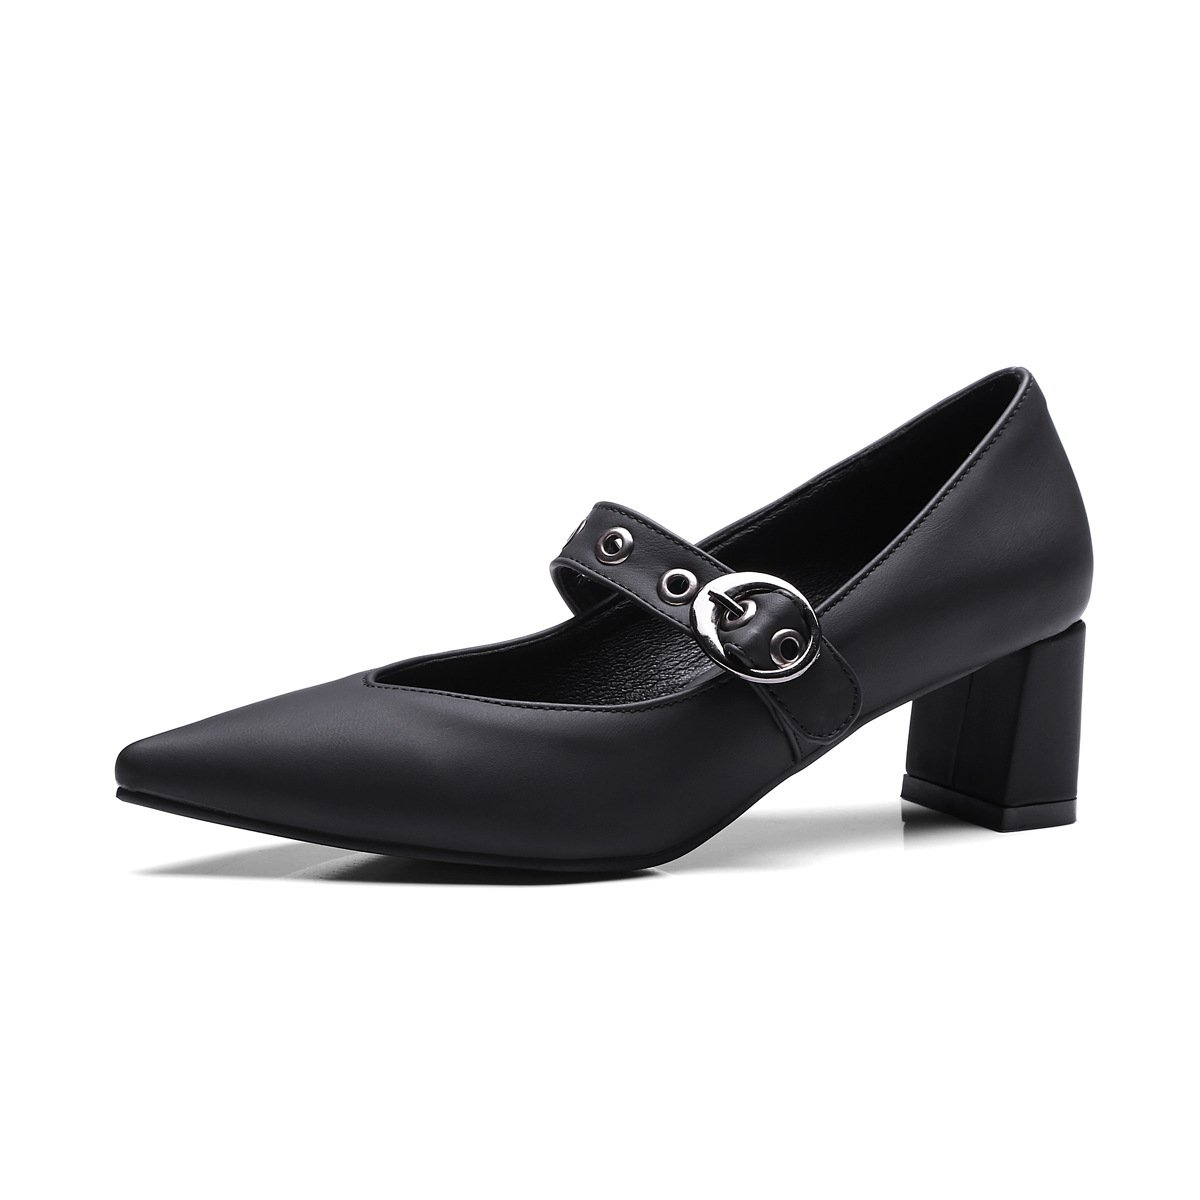 QINX Frauen Spitze Zehe Blockabsatz Schuhe35 EU|Black